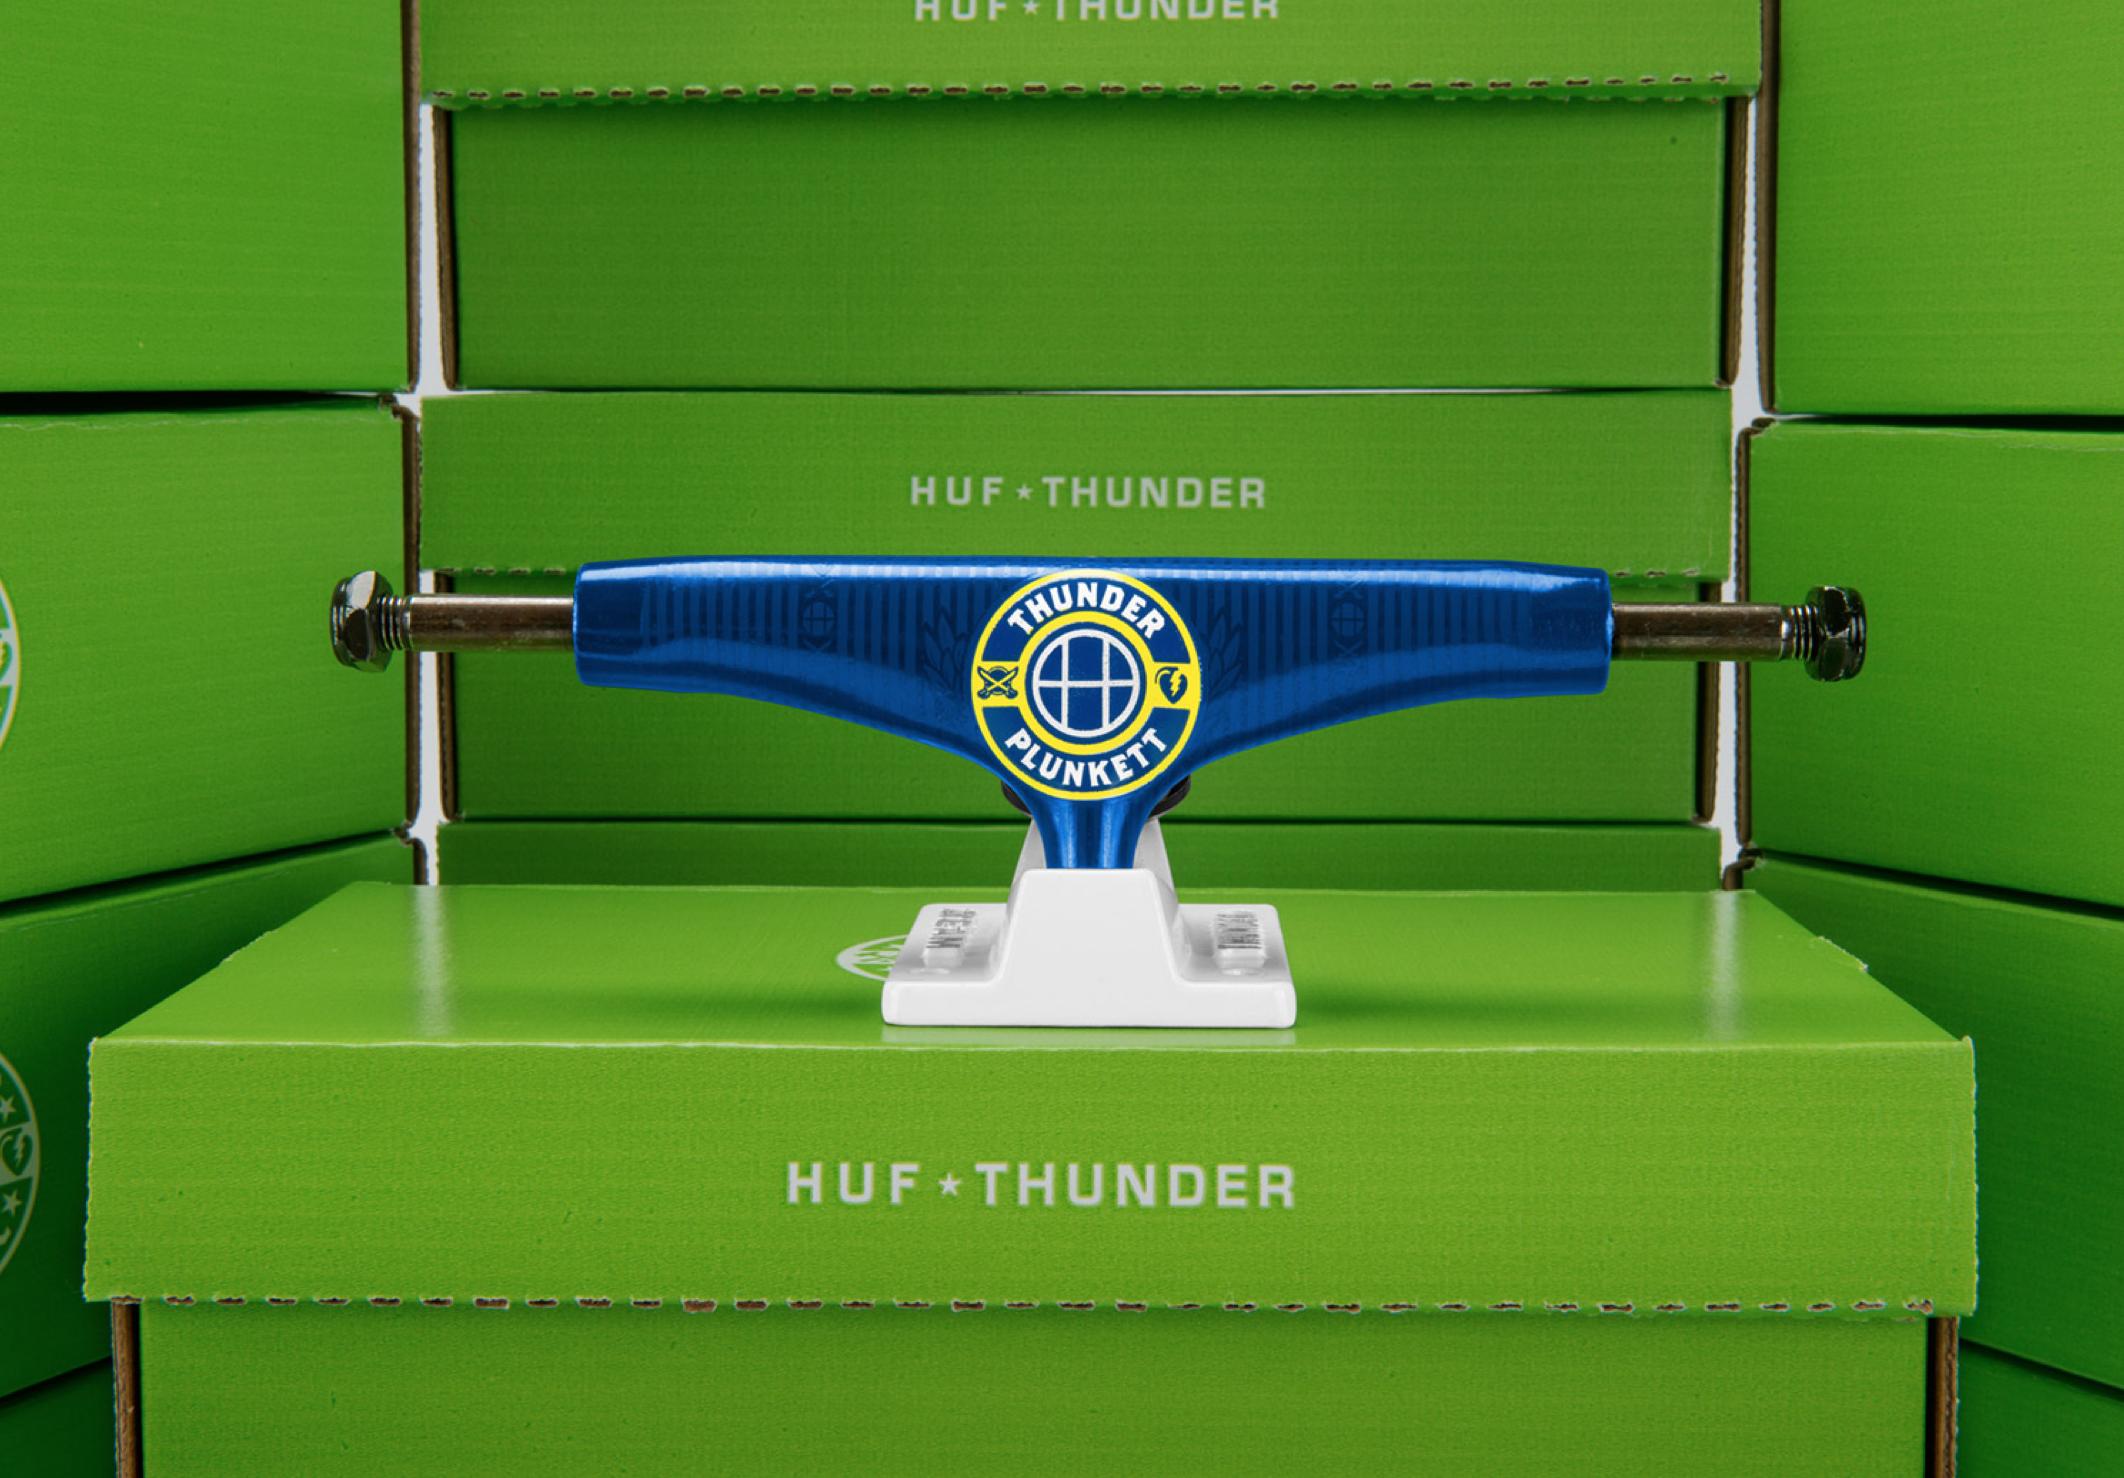 thunder_plunkett